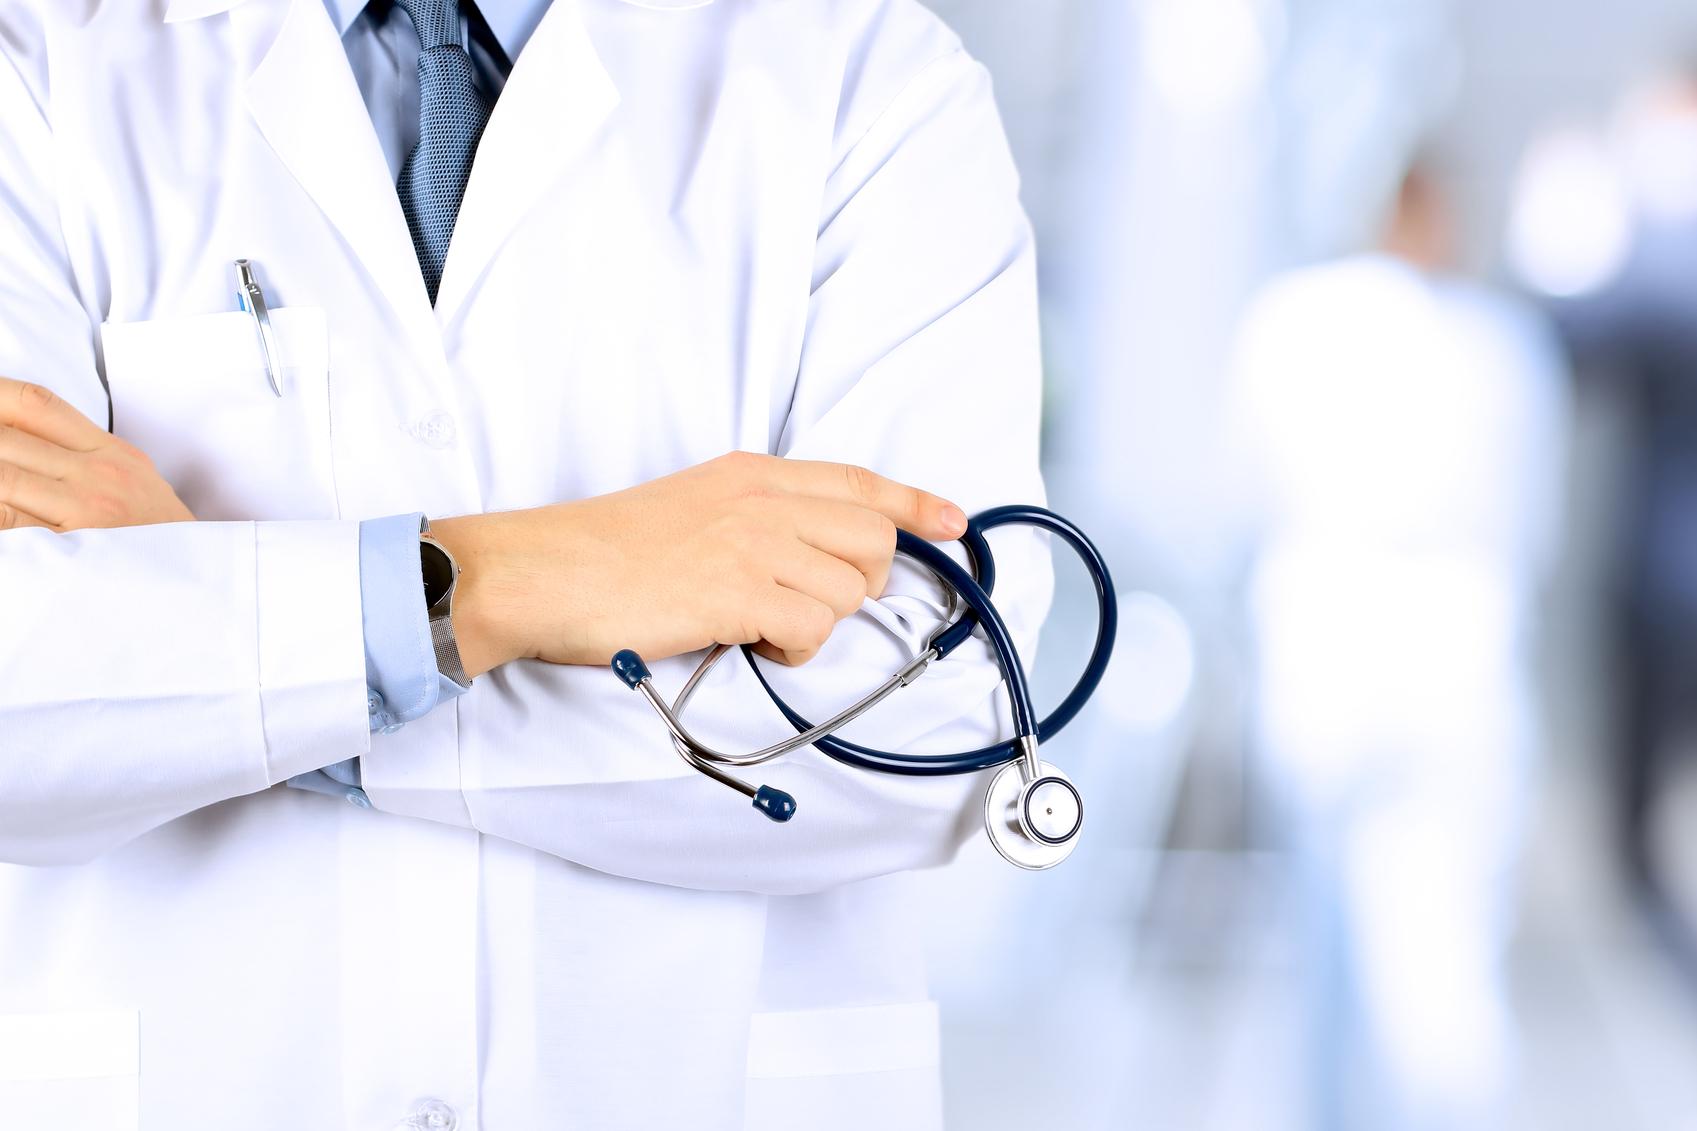 นักศึกษาใหม่ ปริญญาตรี มหาวิทยาลัย รับตรง หลักสูตรทันตแพทยศาสตรบัณฑิต